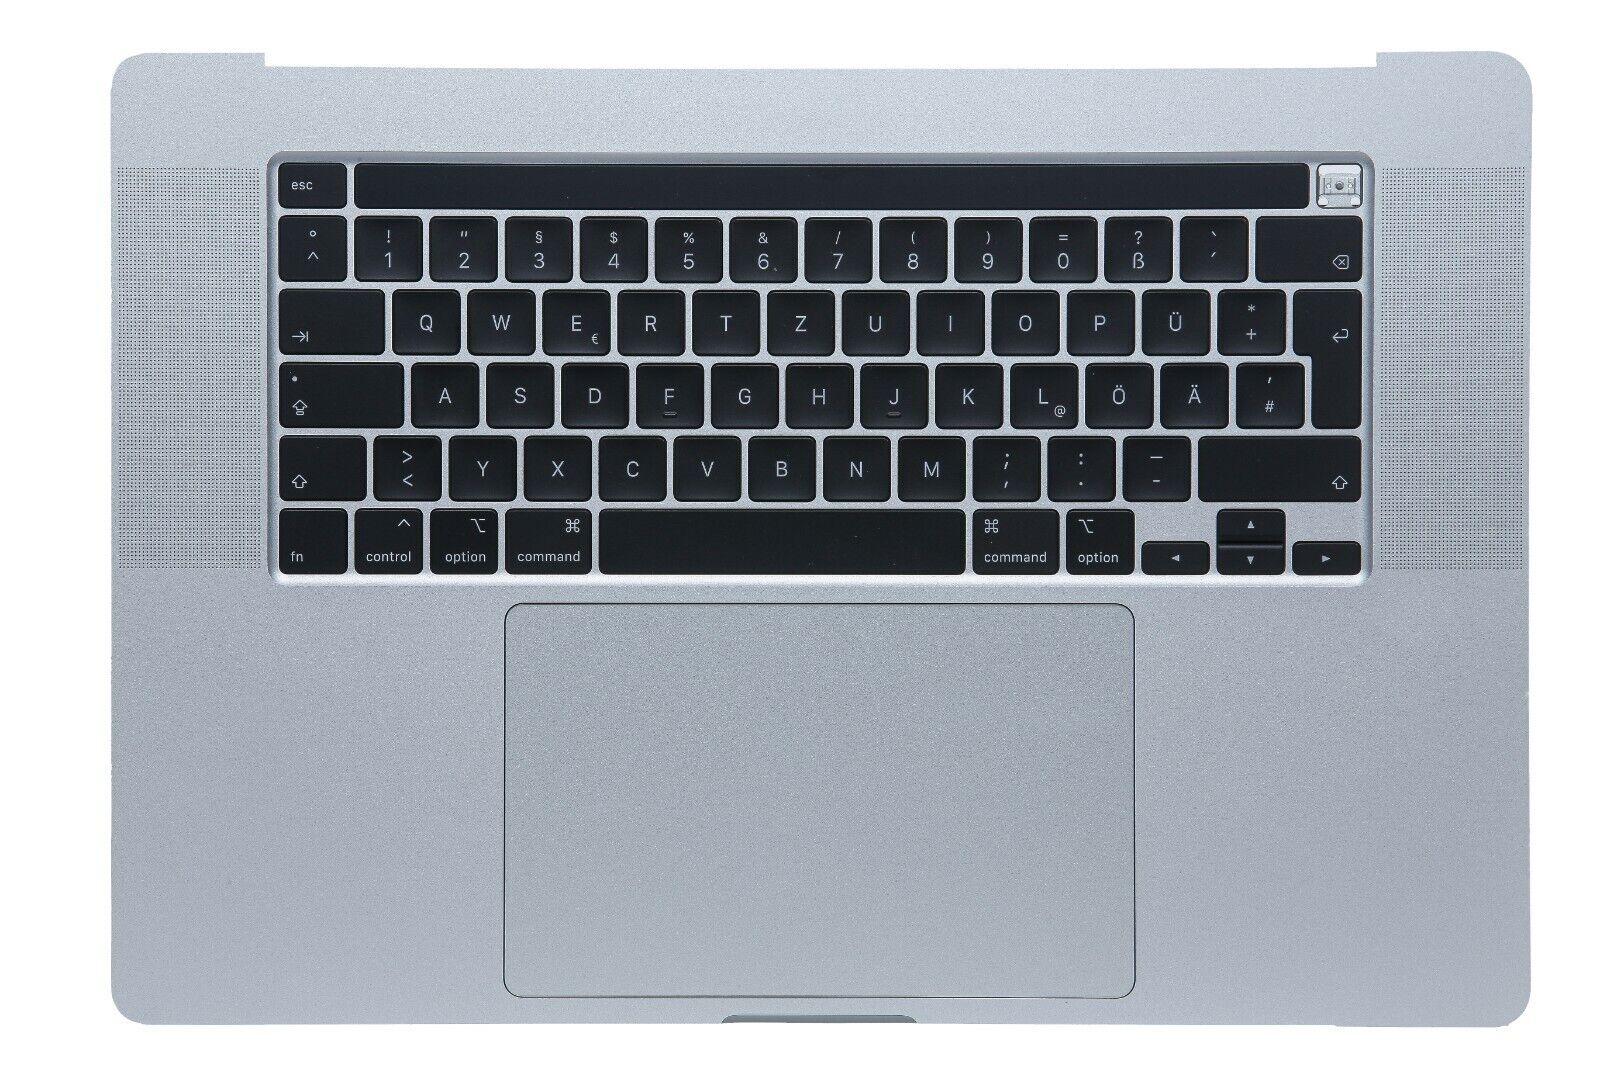 Bestellte Artikel MacBook Pro 8 A8 Topcase DE mit Backlight ...